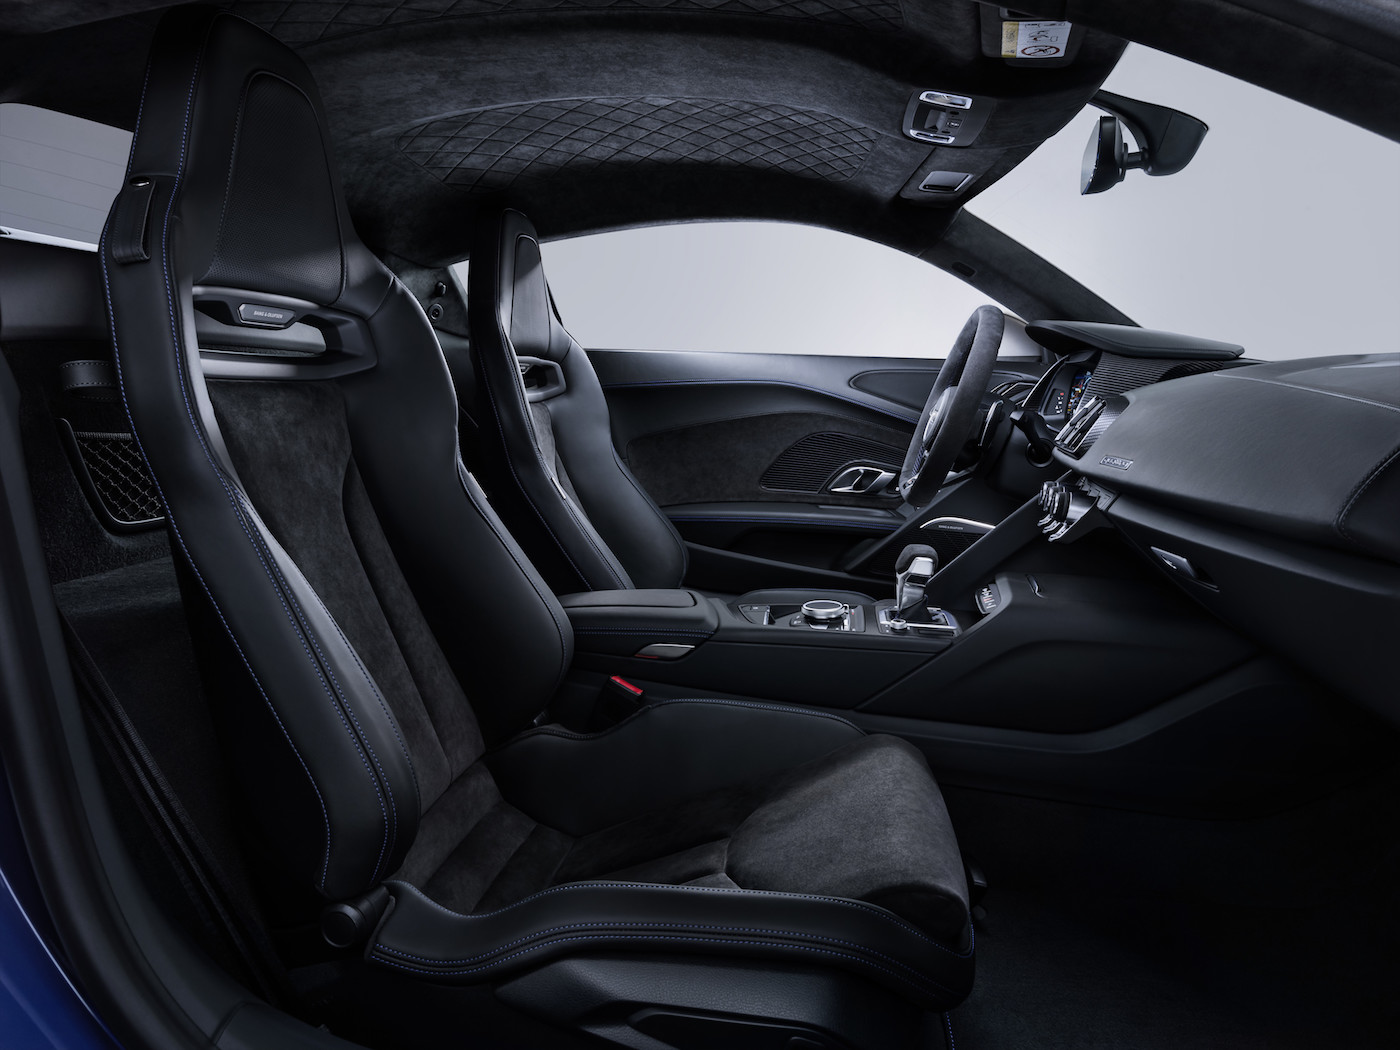 Schneller & schärfer: Das ist der neue Audi R8 9